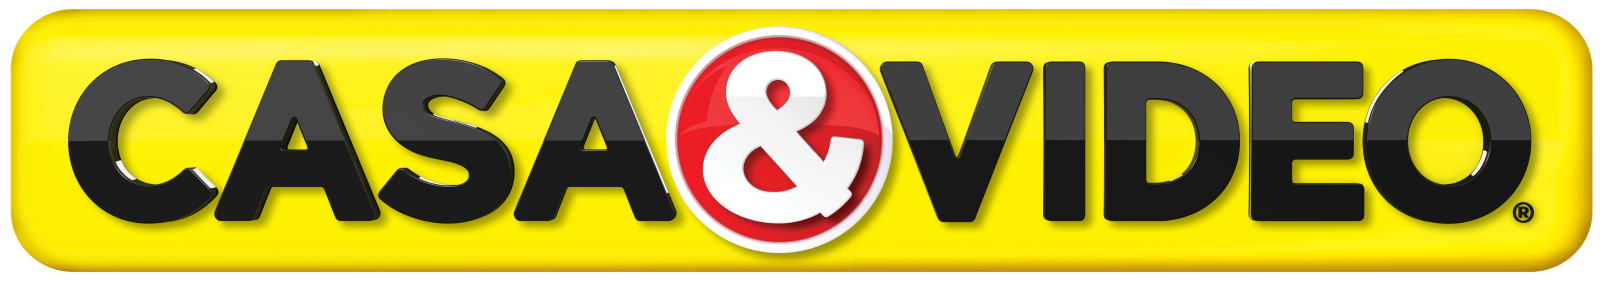 casa-e-video-logo-2